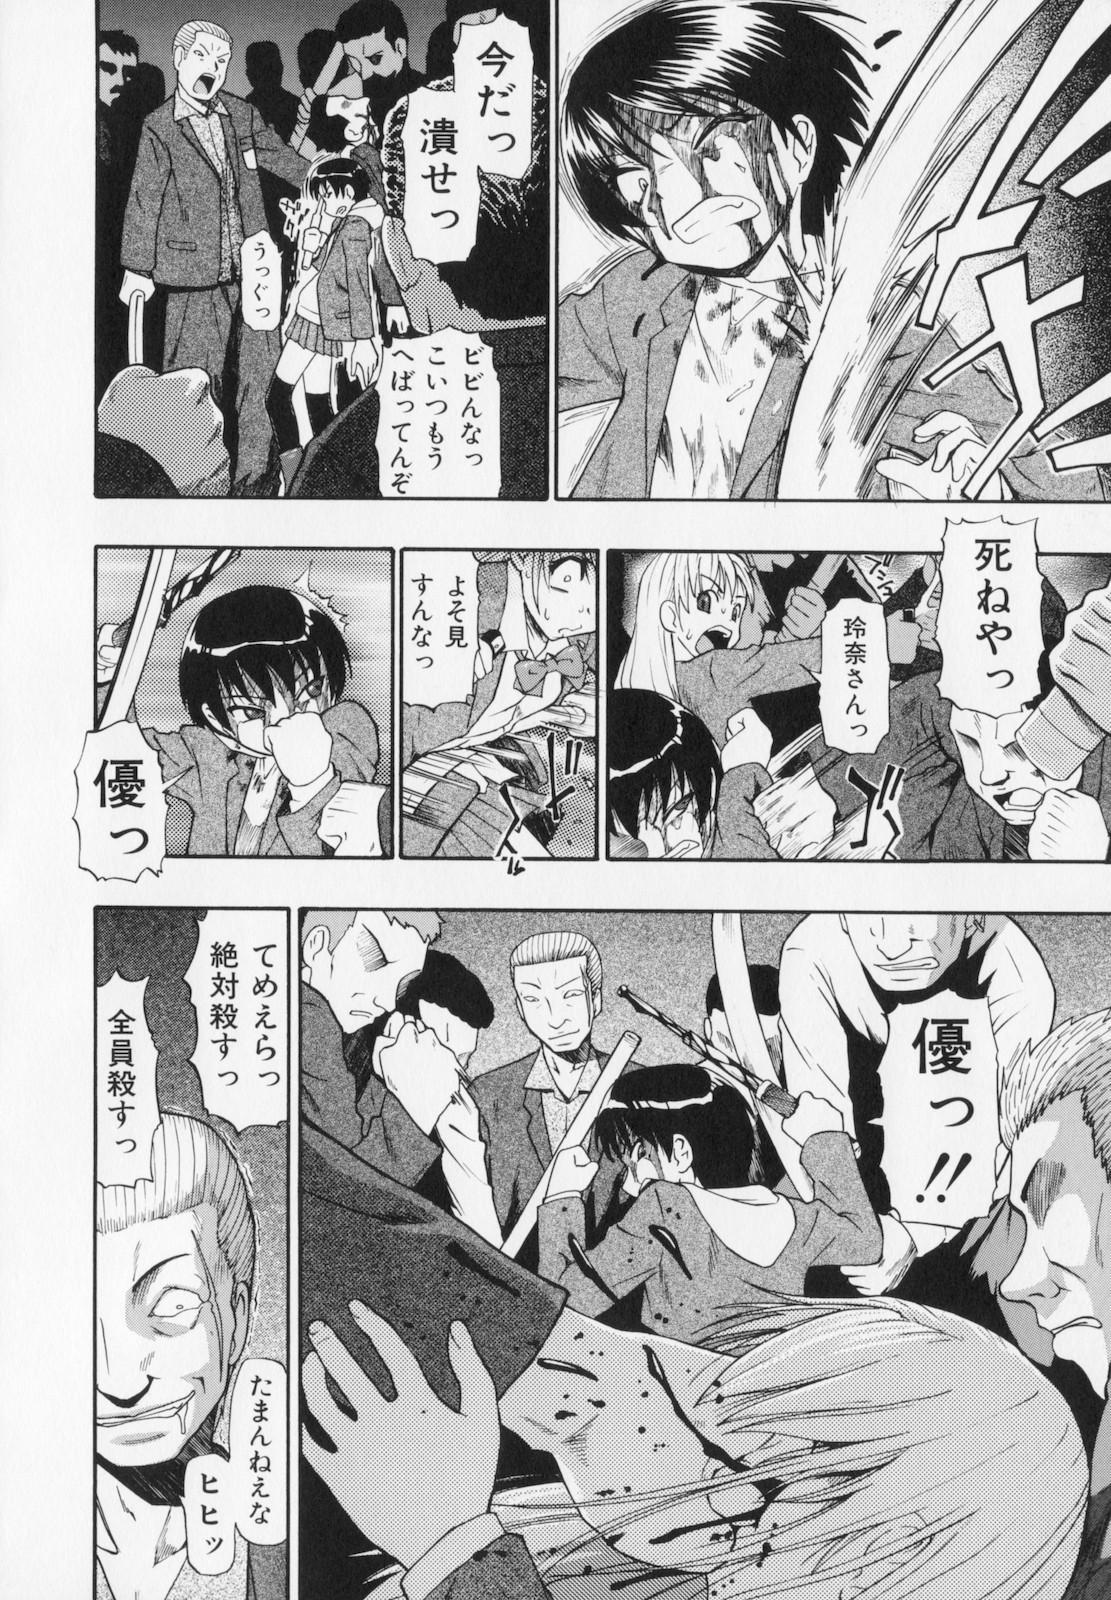 Hitodenashi no Utage - Veranstaltungsräume von Brute 33